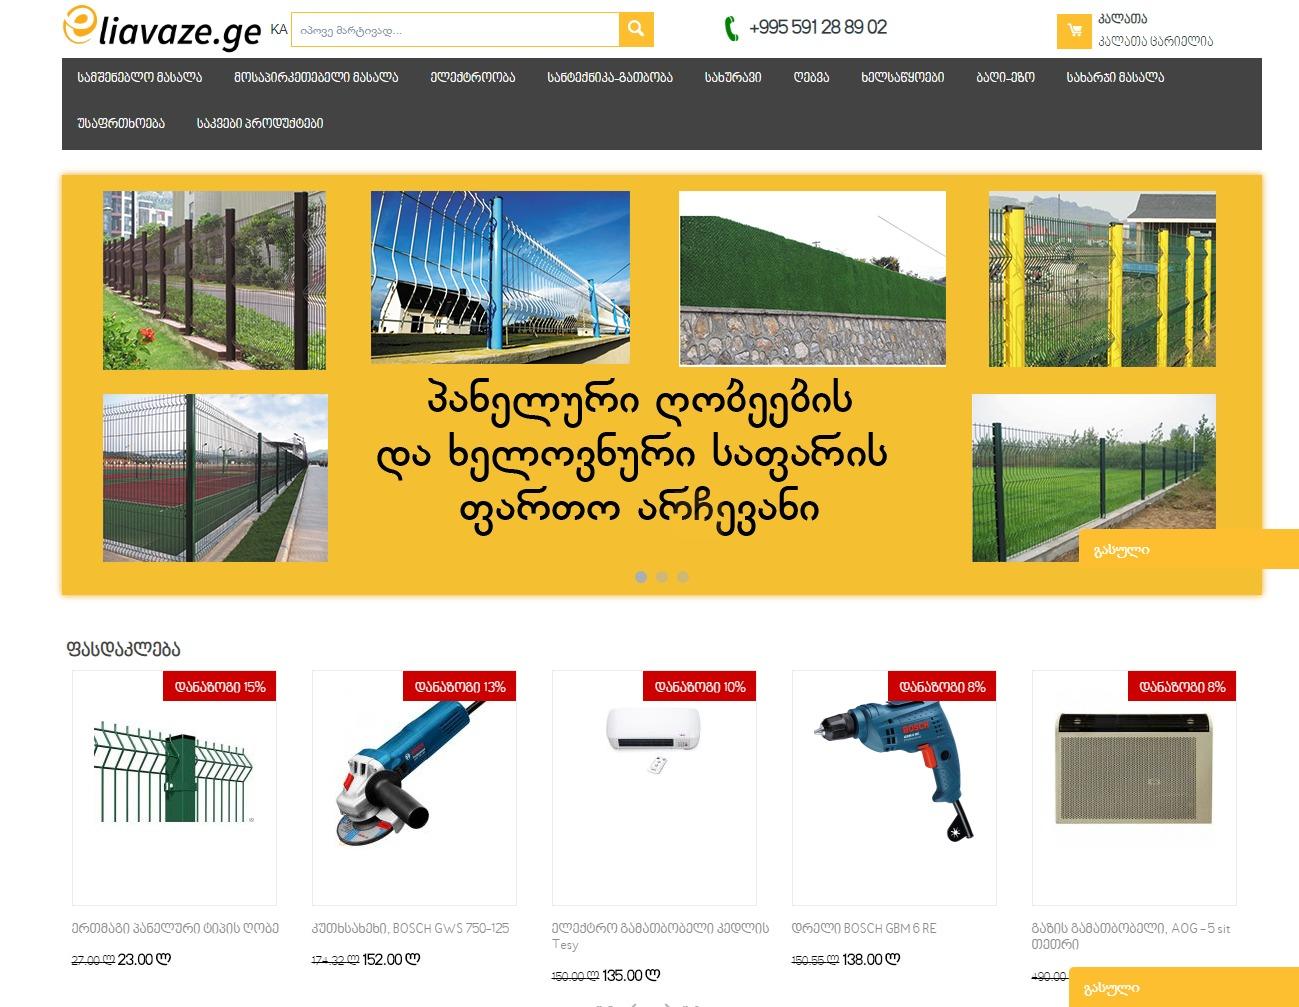 სამშენებლო და სარემონტო მასალების ონლაინ მაღაზია ELIAVAZE.GE